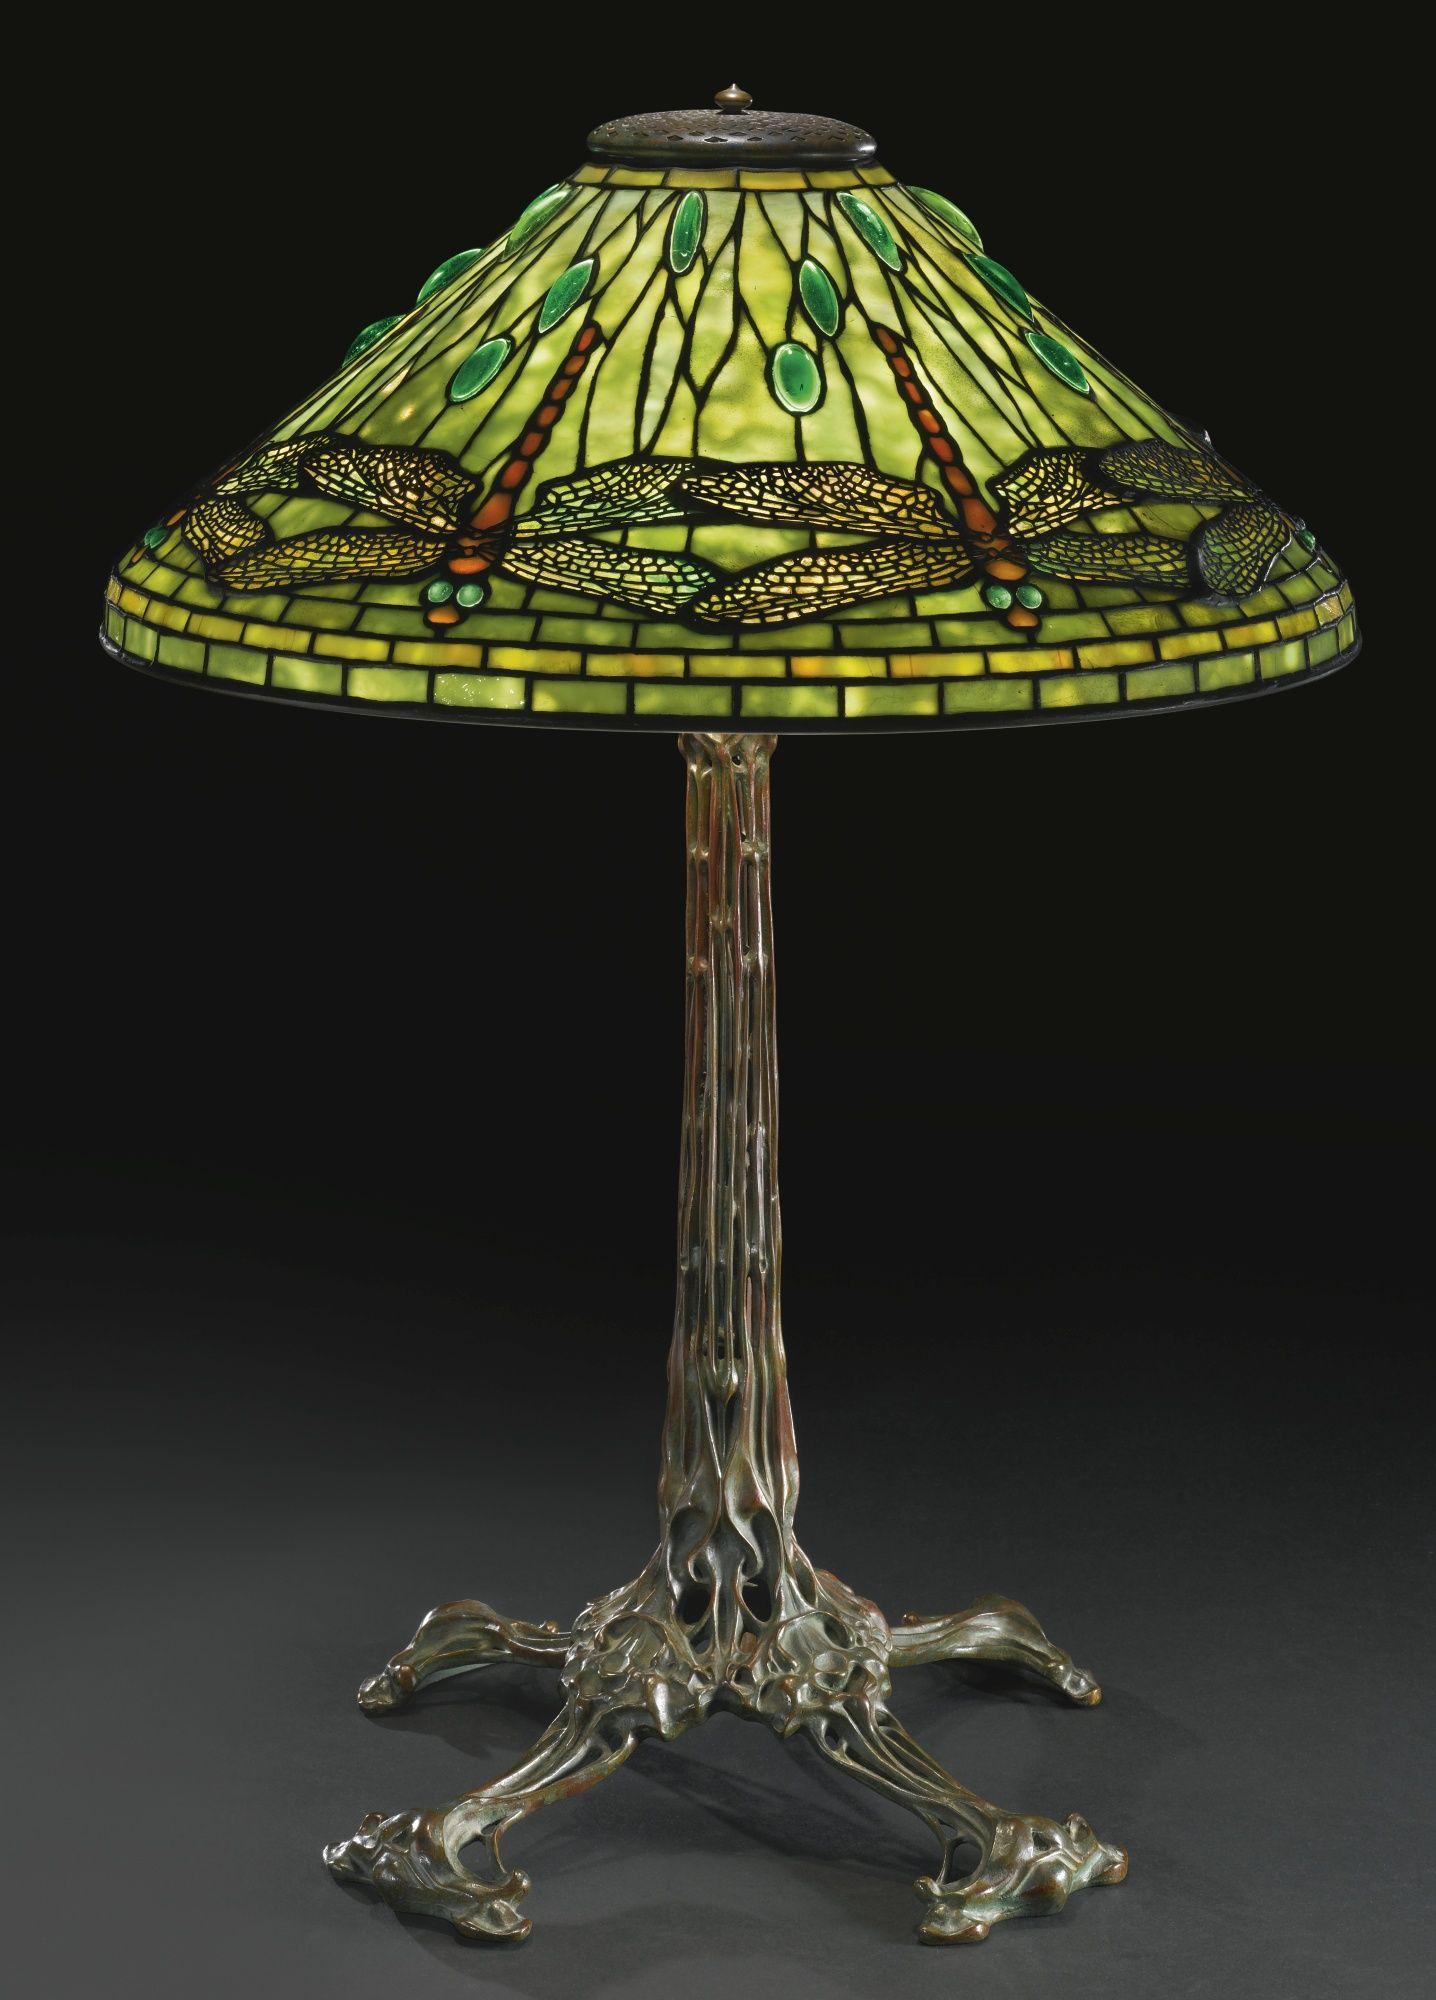 Tiffany Studios | Lot | Sotheby's | Tiffany lamp, Lampade